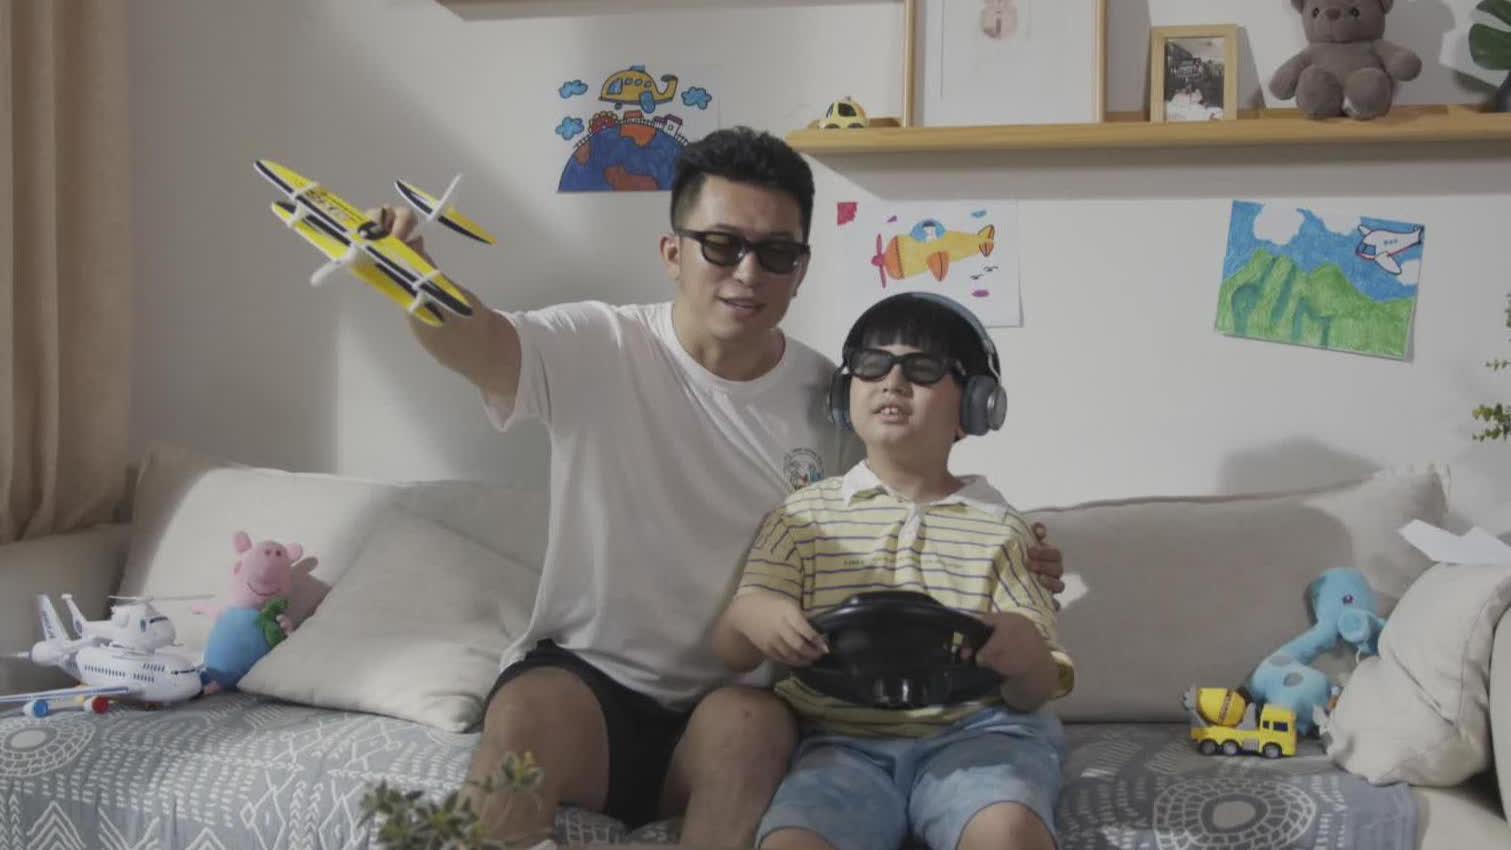 【信念一生】暖心宣传片